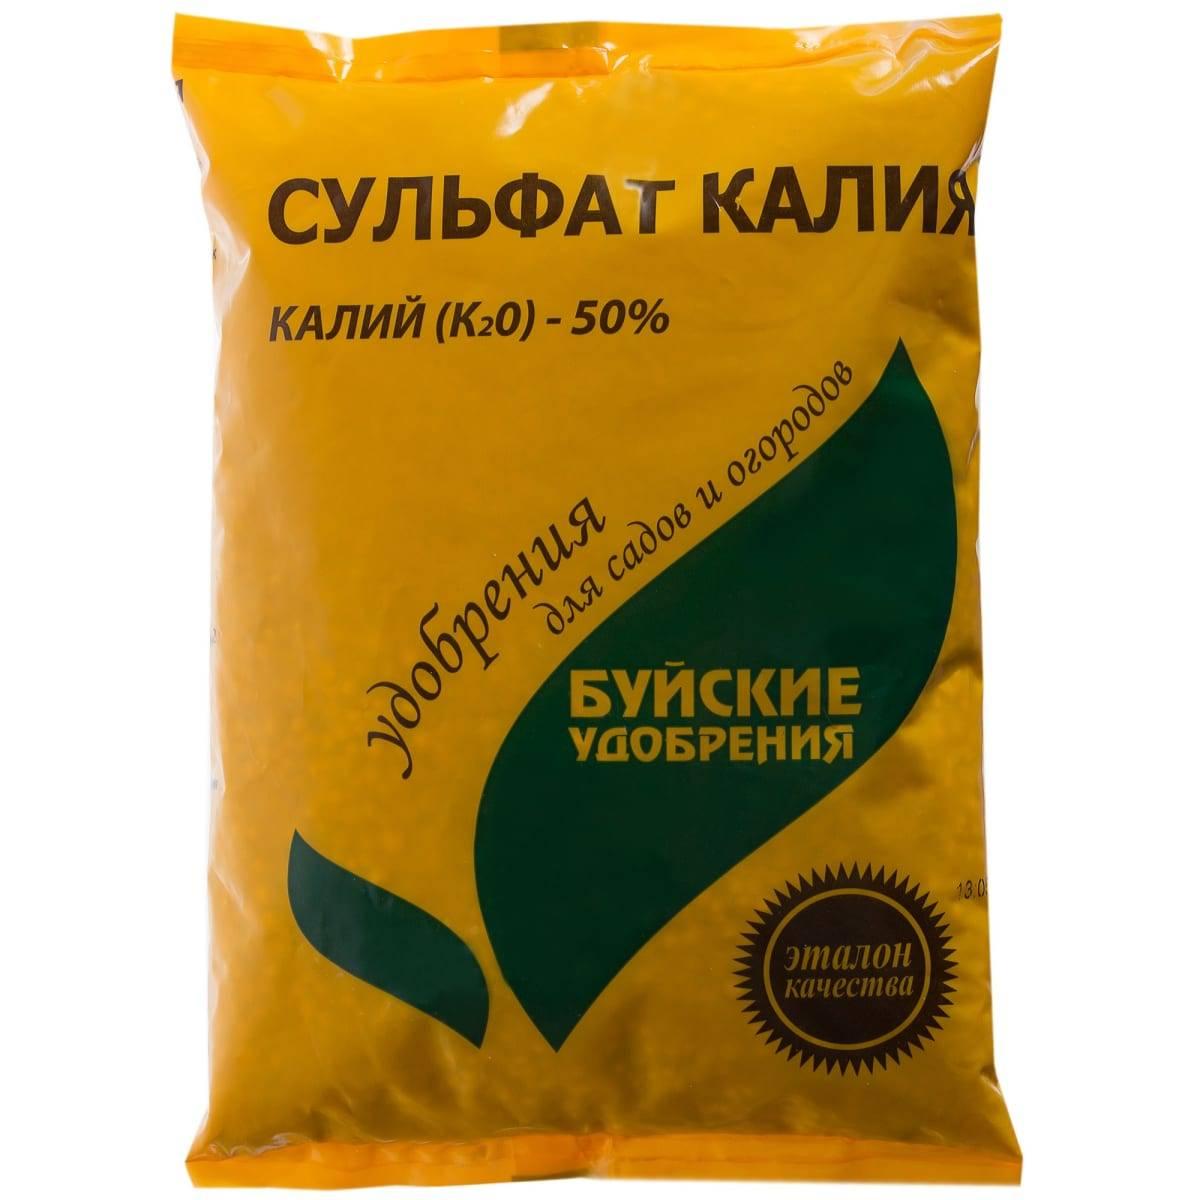 Сульфат калия — удобрение, применение на участке